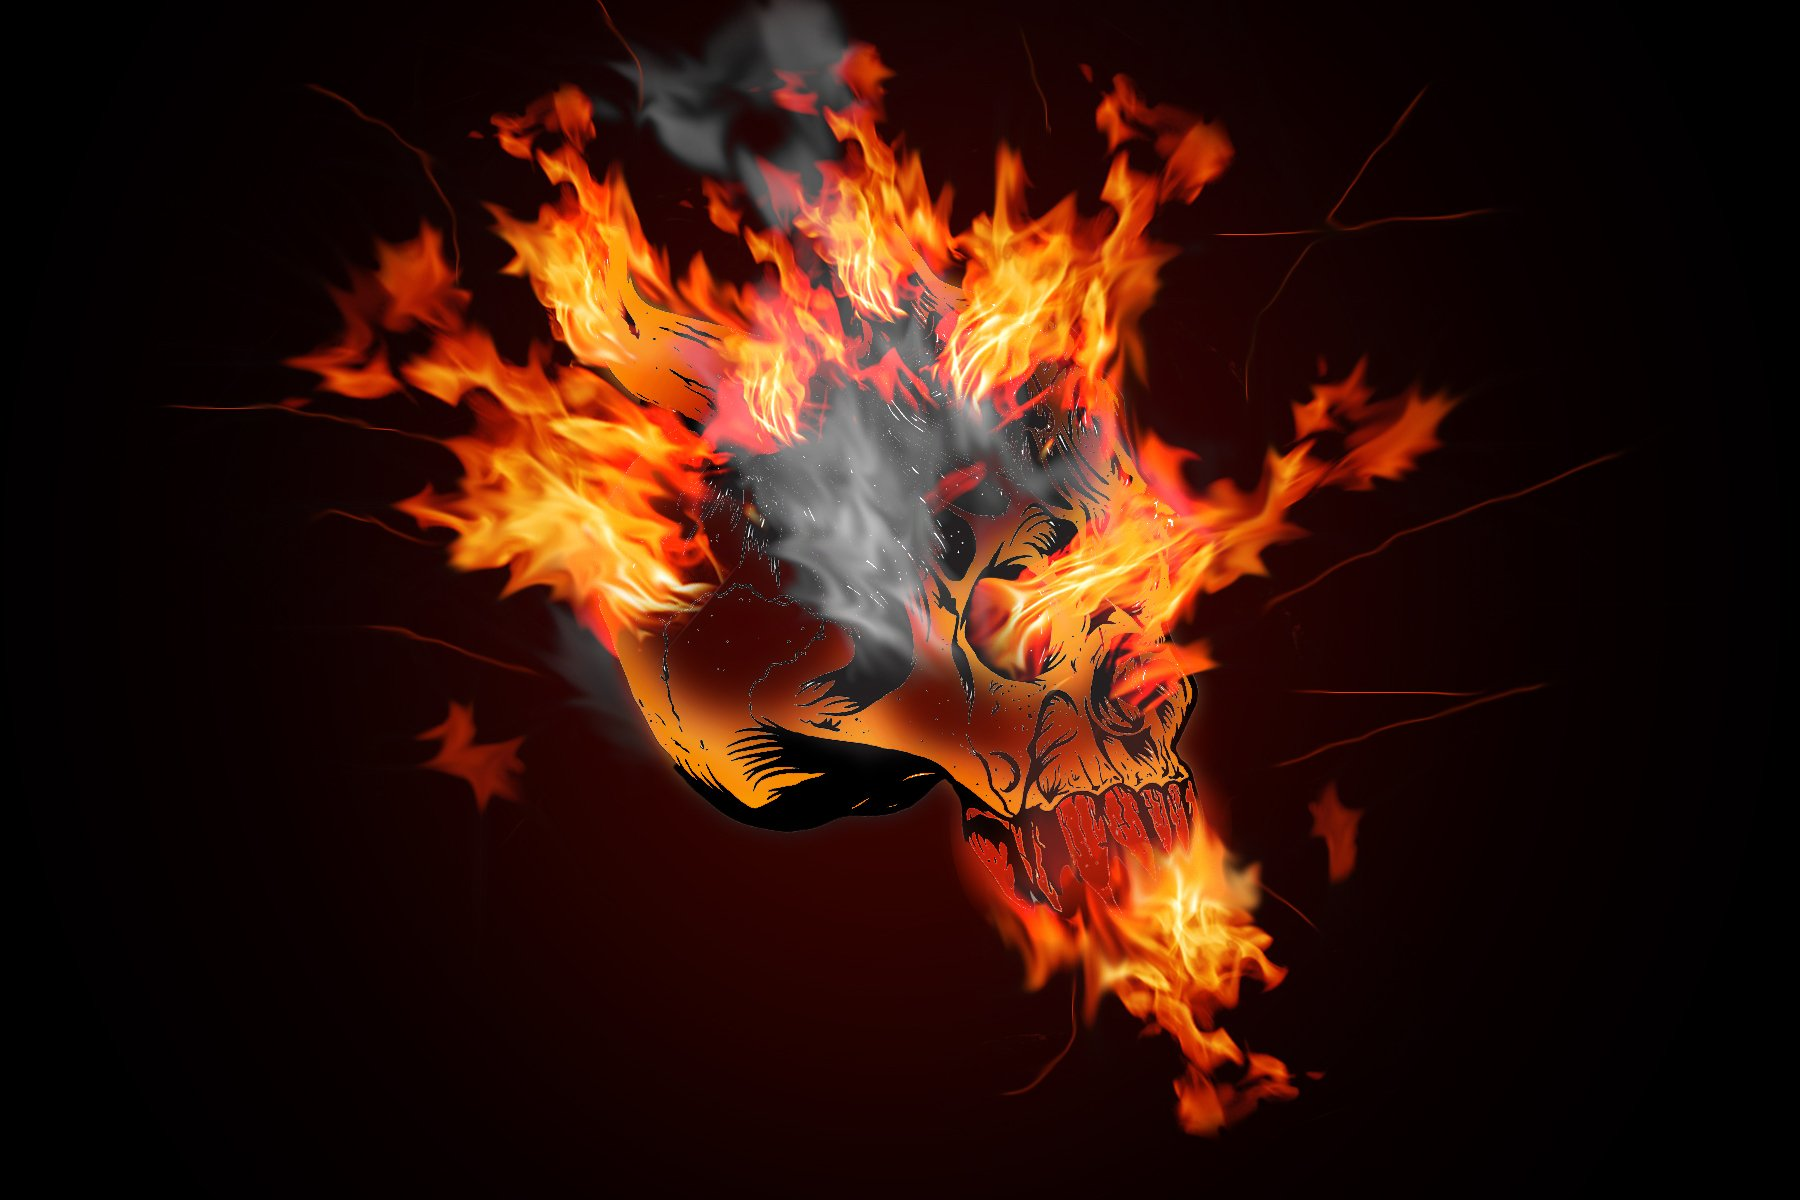 Skull fire flame wallpaper   ForWallpapercom 1800x1200